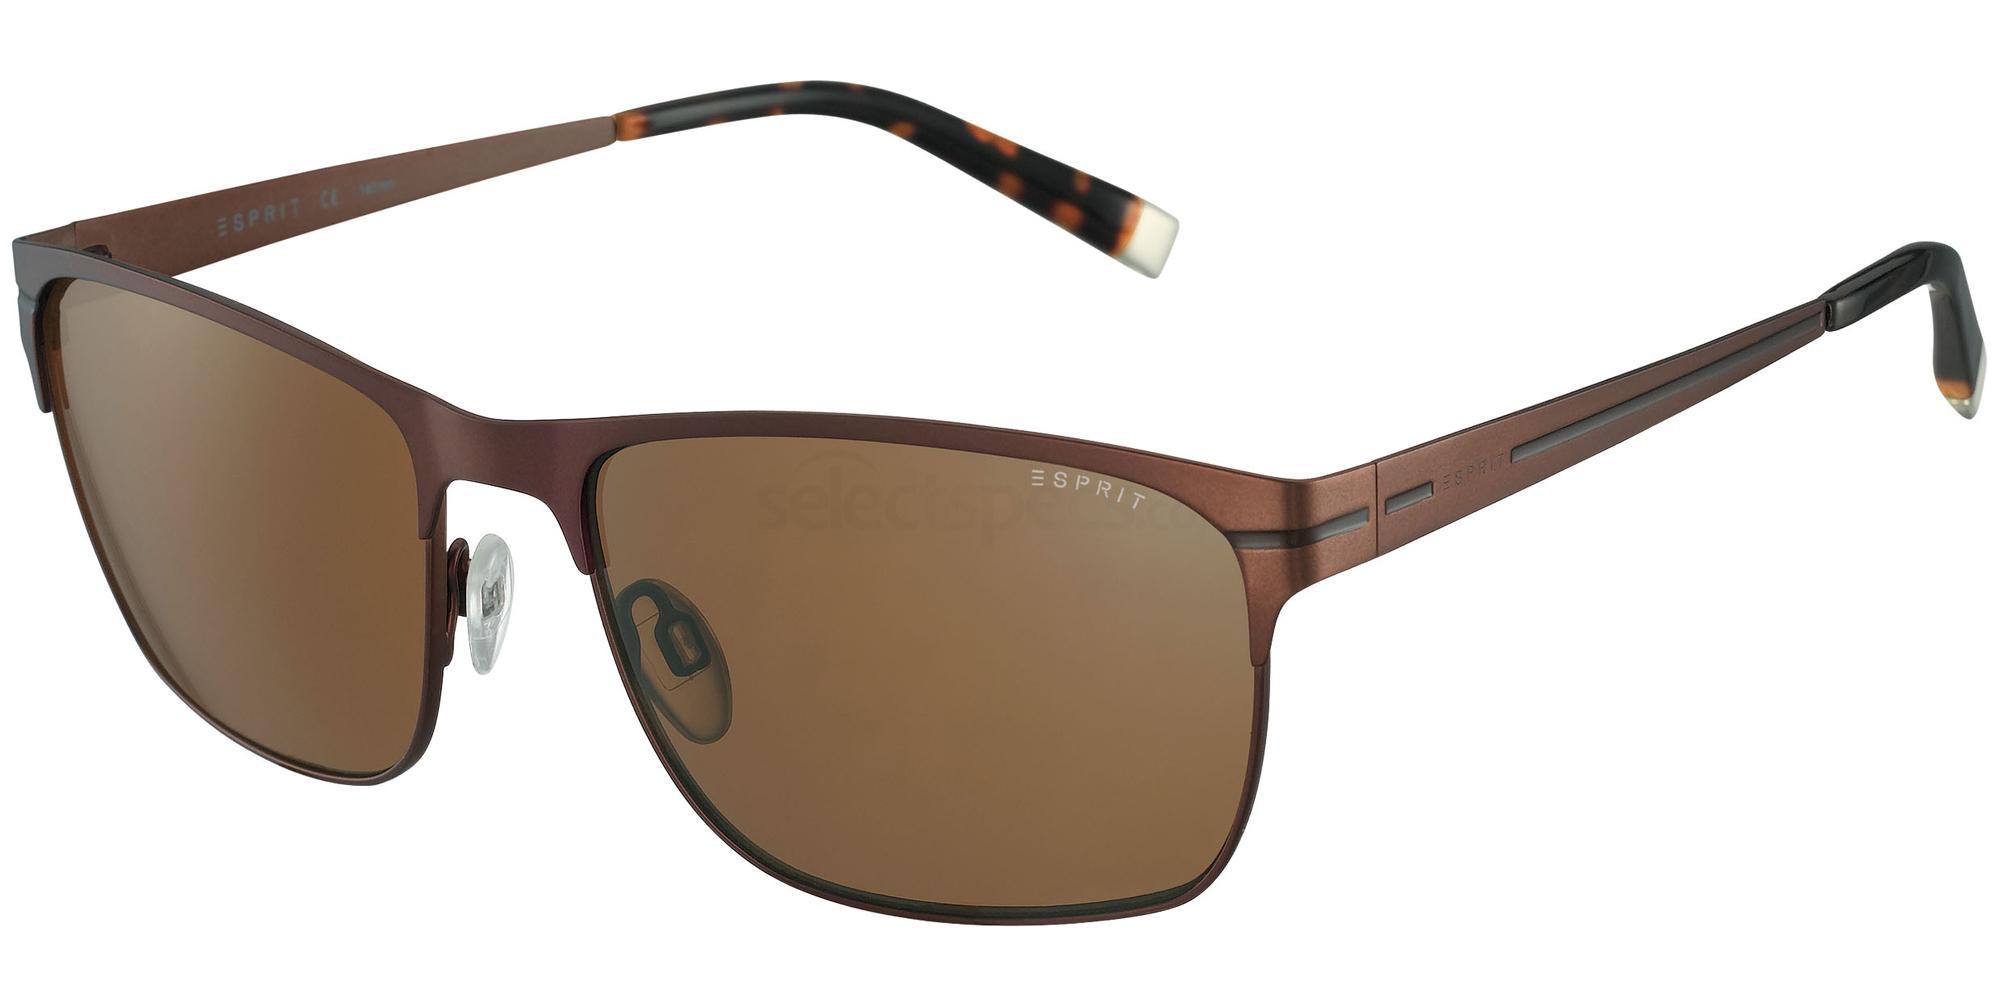 535 ET17895 Sunglasses, Esprit